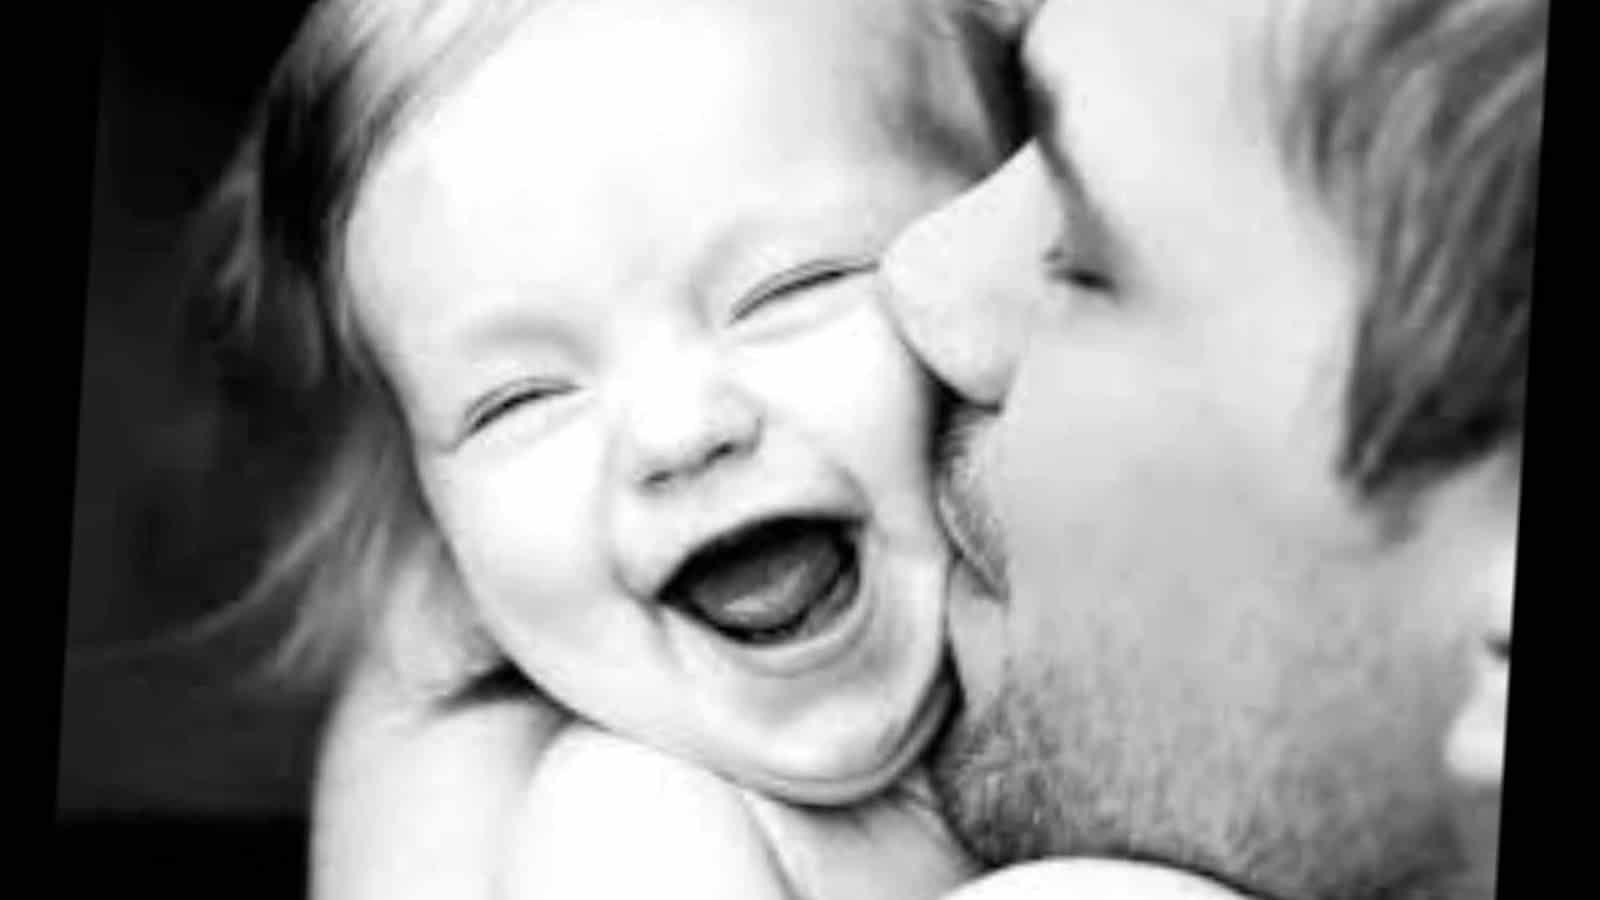 отец целует дочь в щеку